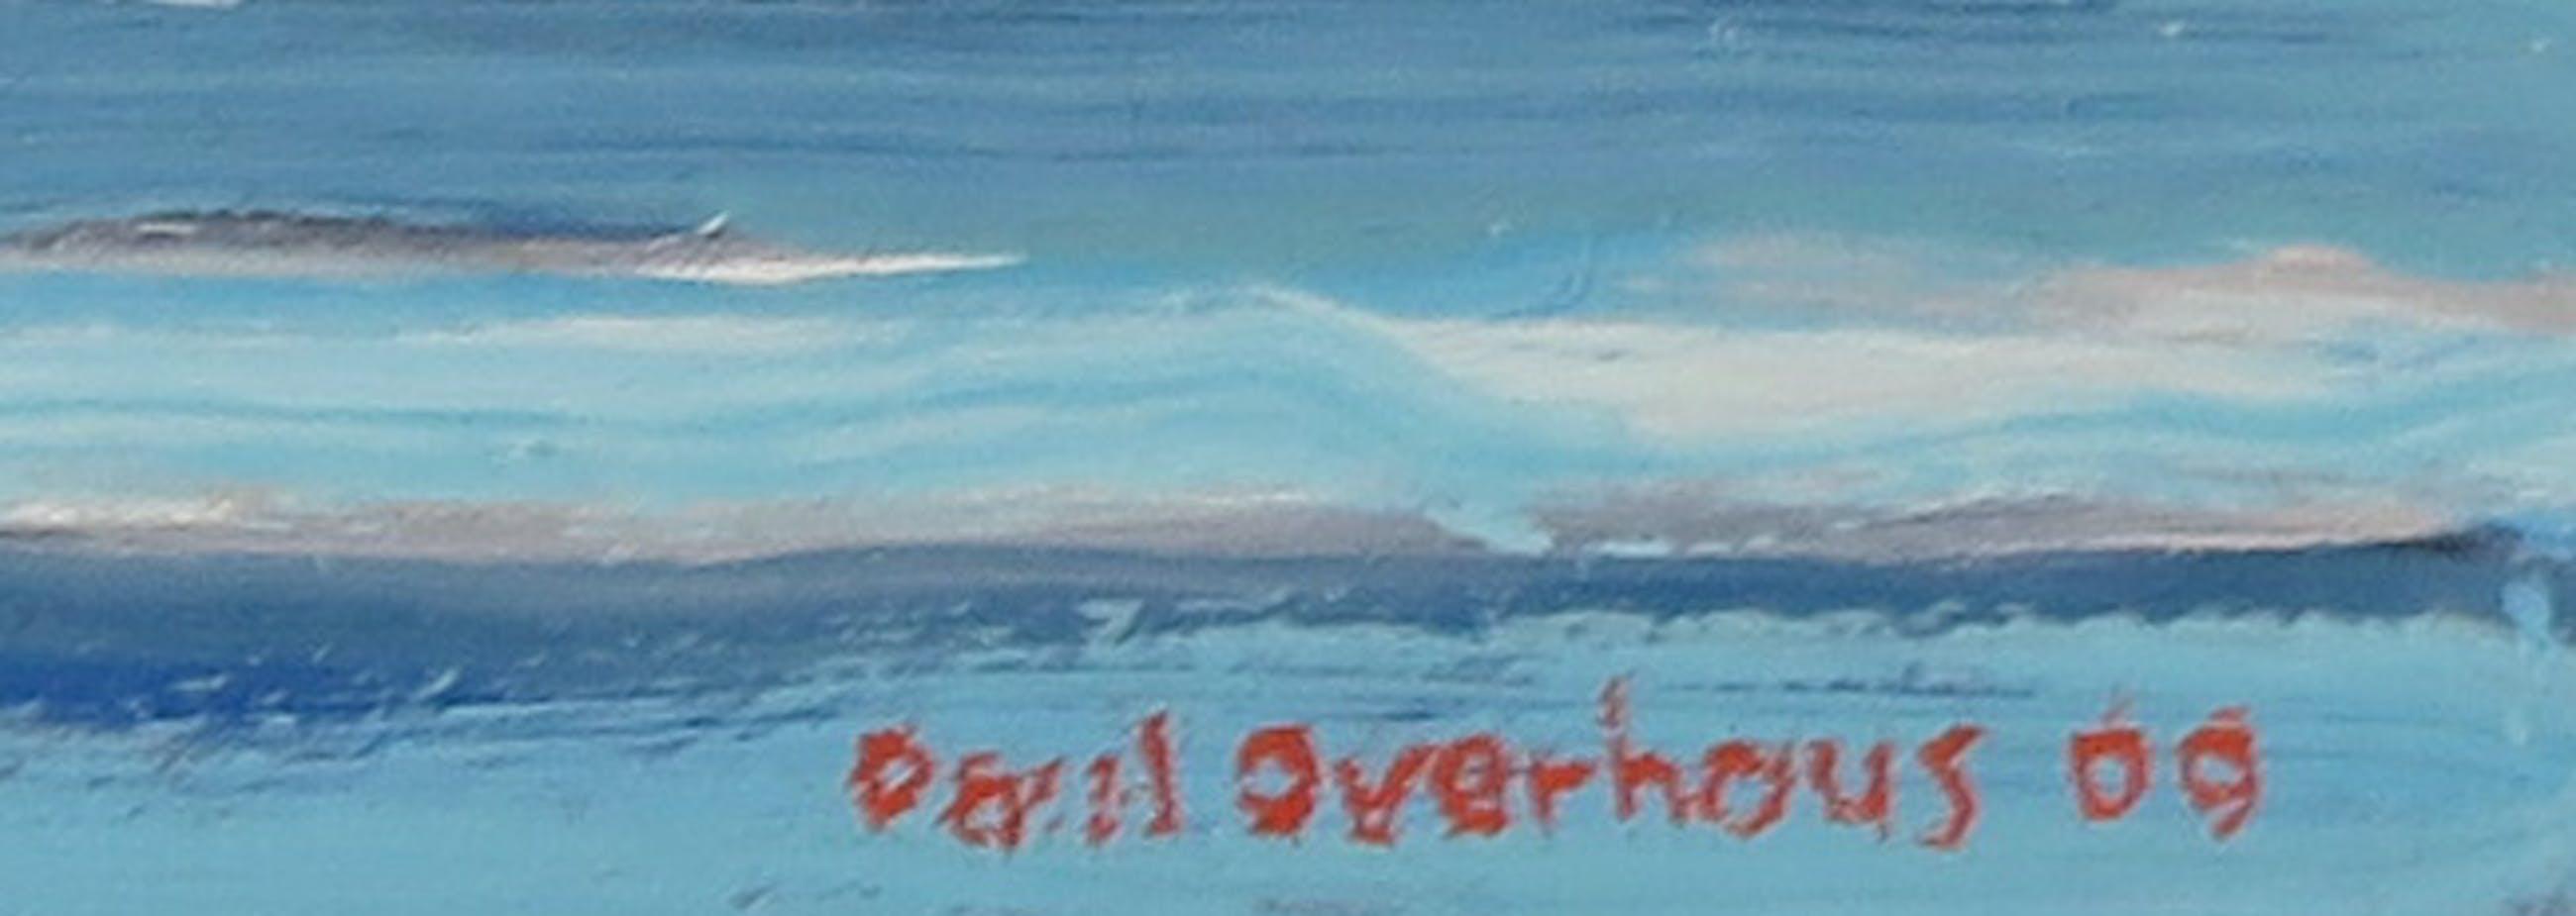 Paul Overhaus - Olieverf op board, Duin - Ingelijst kopen? Bied vanaf 50!